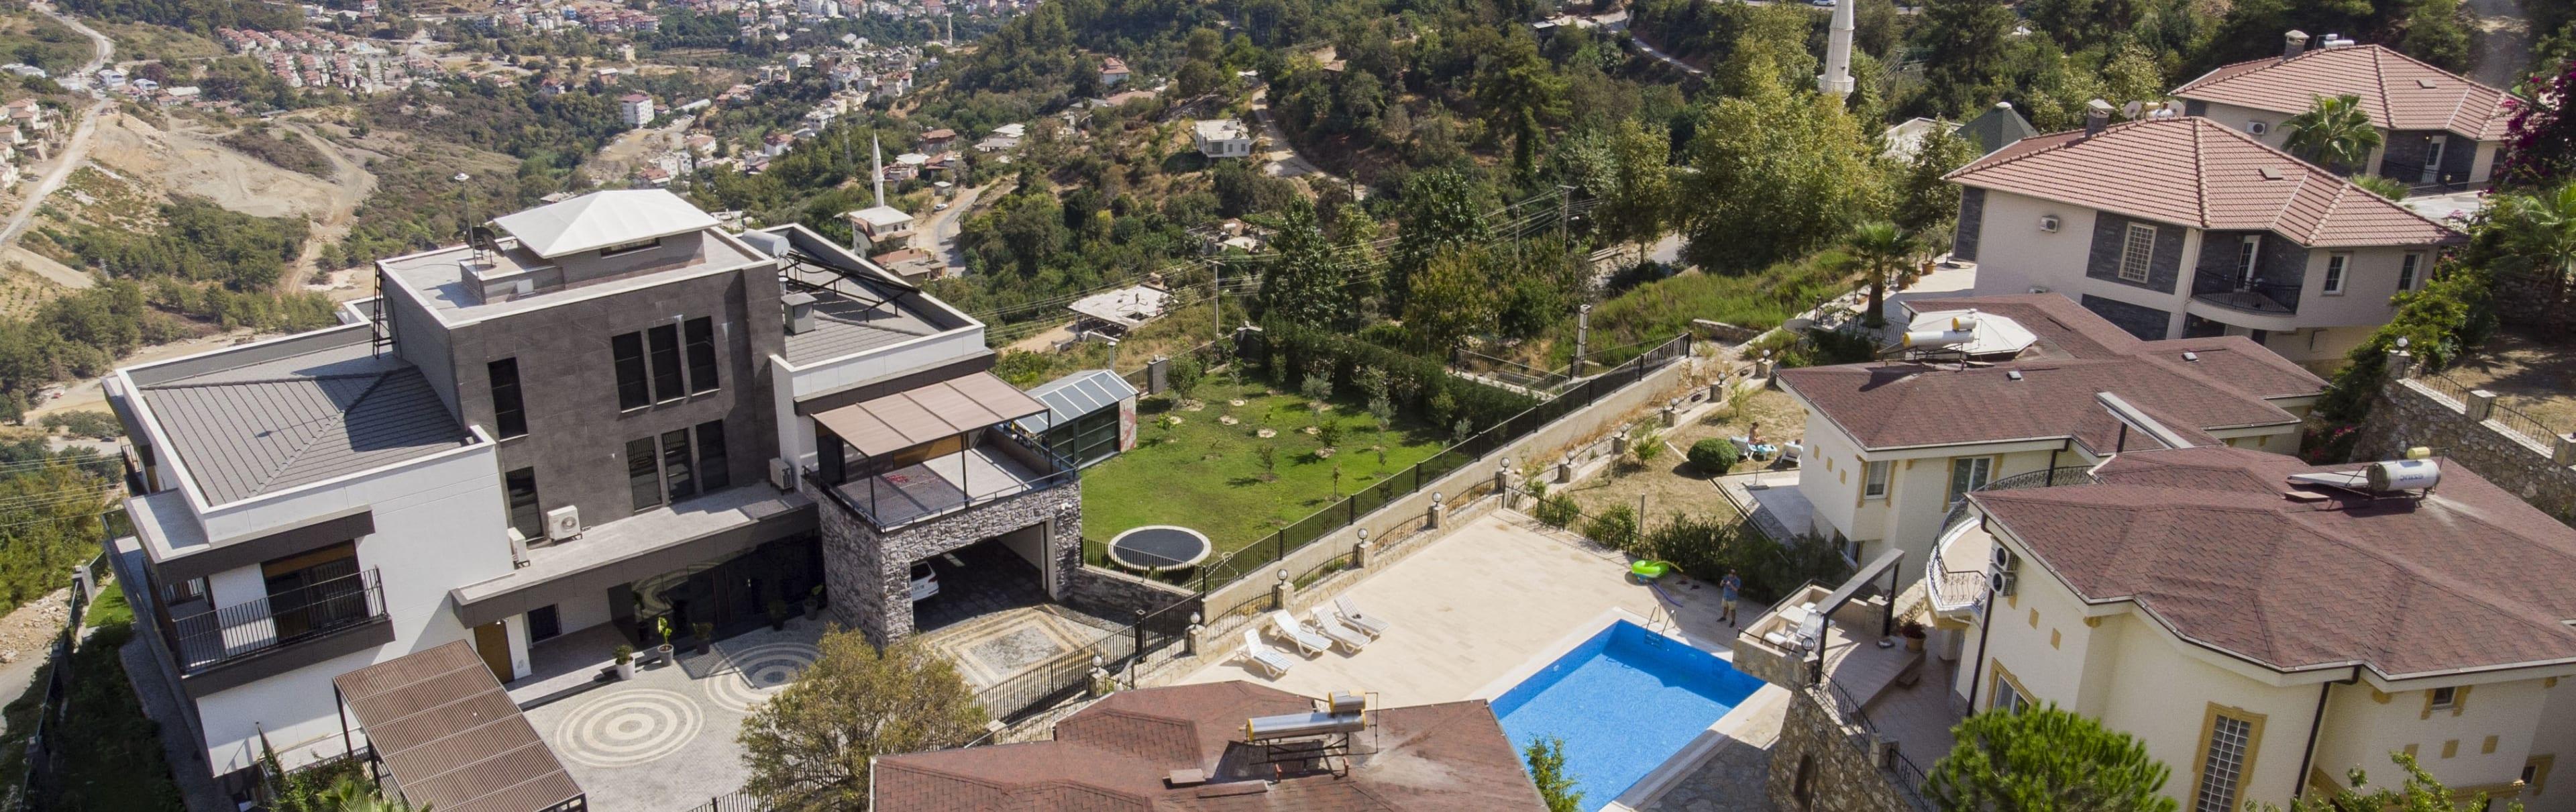 Alanya Sultan View Villa